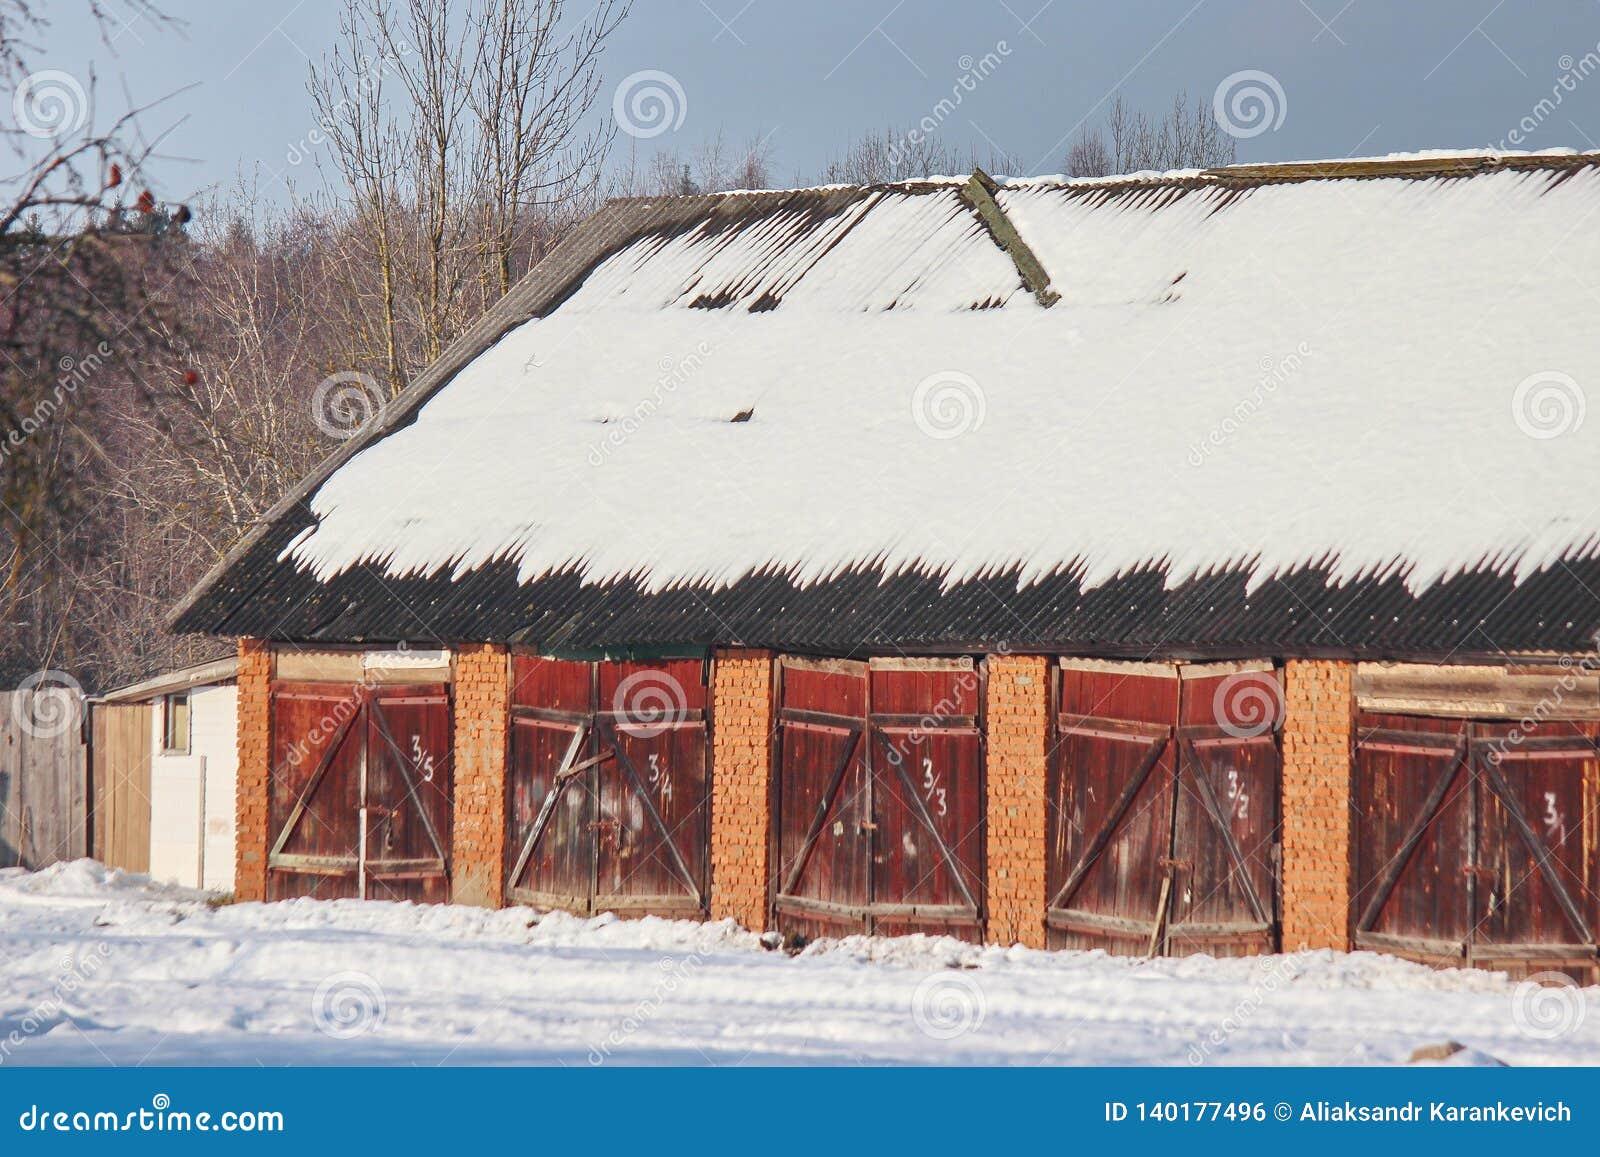 Garages ou hangars publics de village en hiver un jour ensoleillé La neige sur le toit est numérotée des entrées